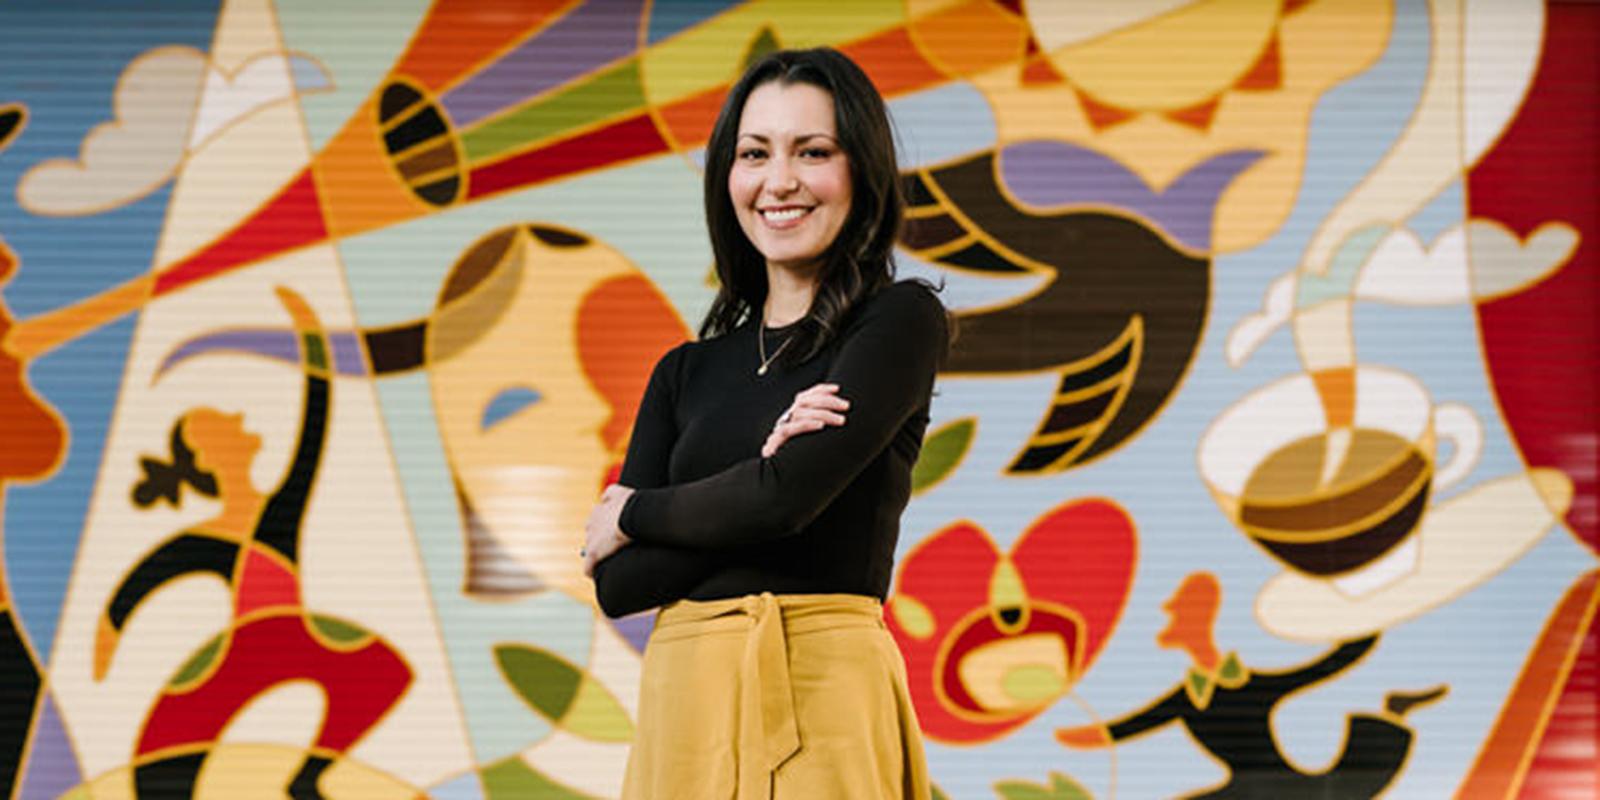 USD alumna Dana Hernandez